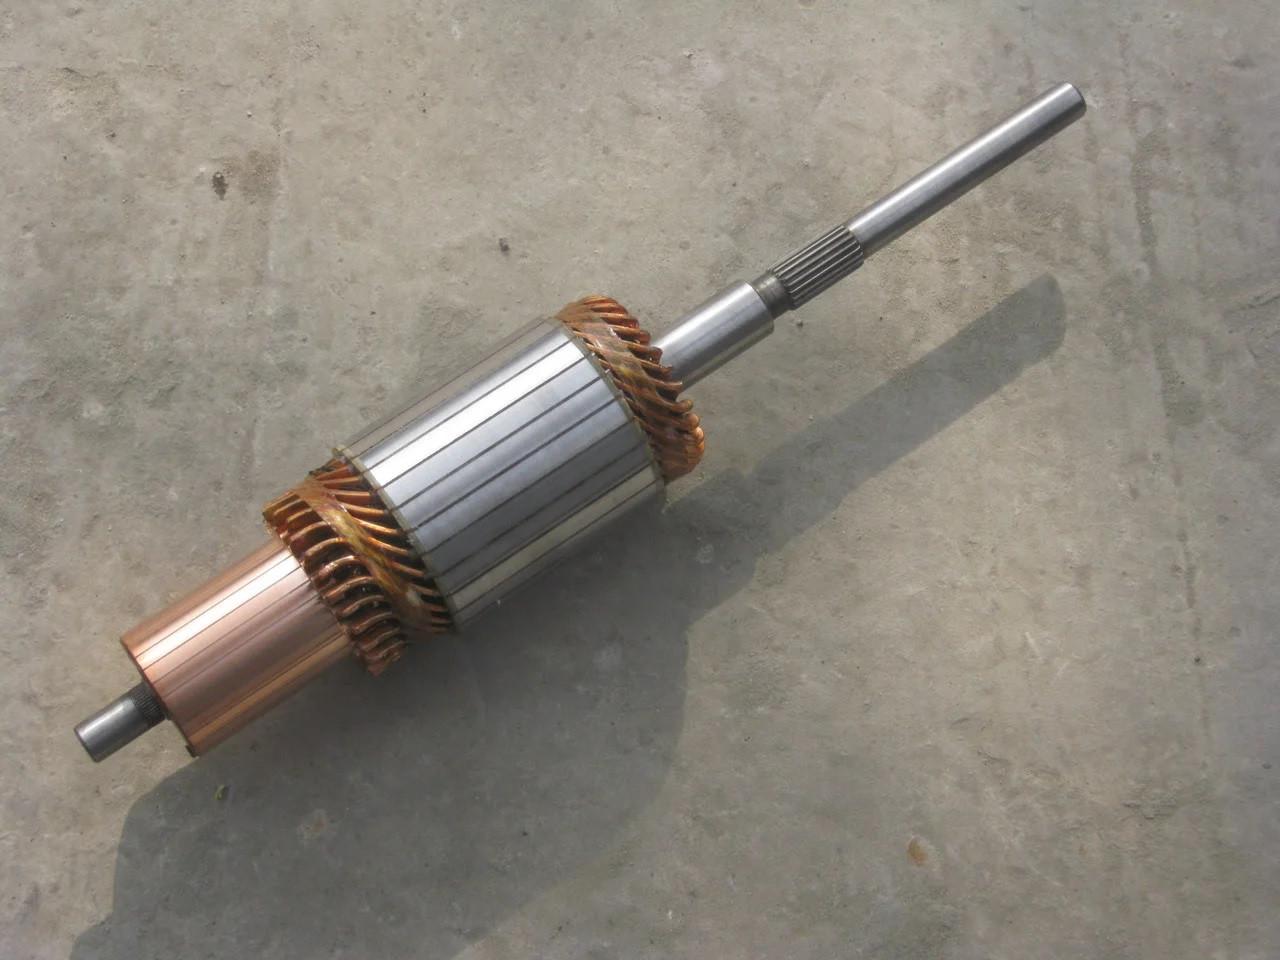 Привод стартера ст-2501.3708 маз ямз